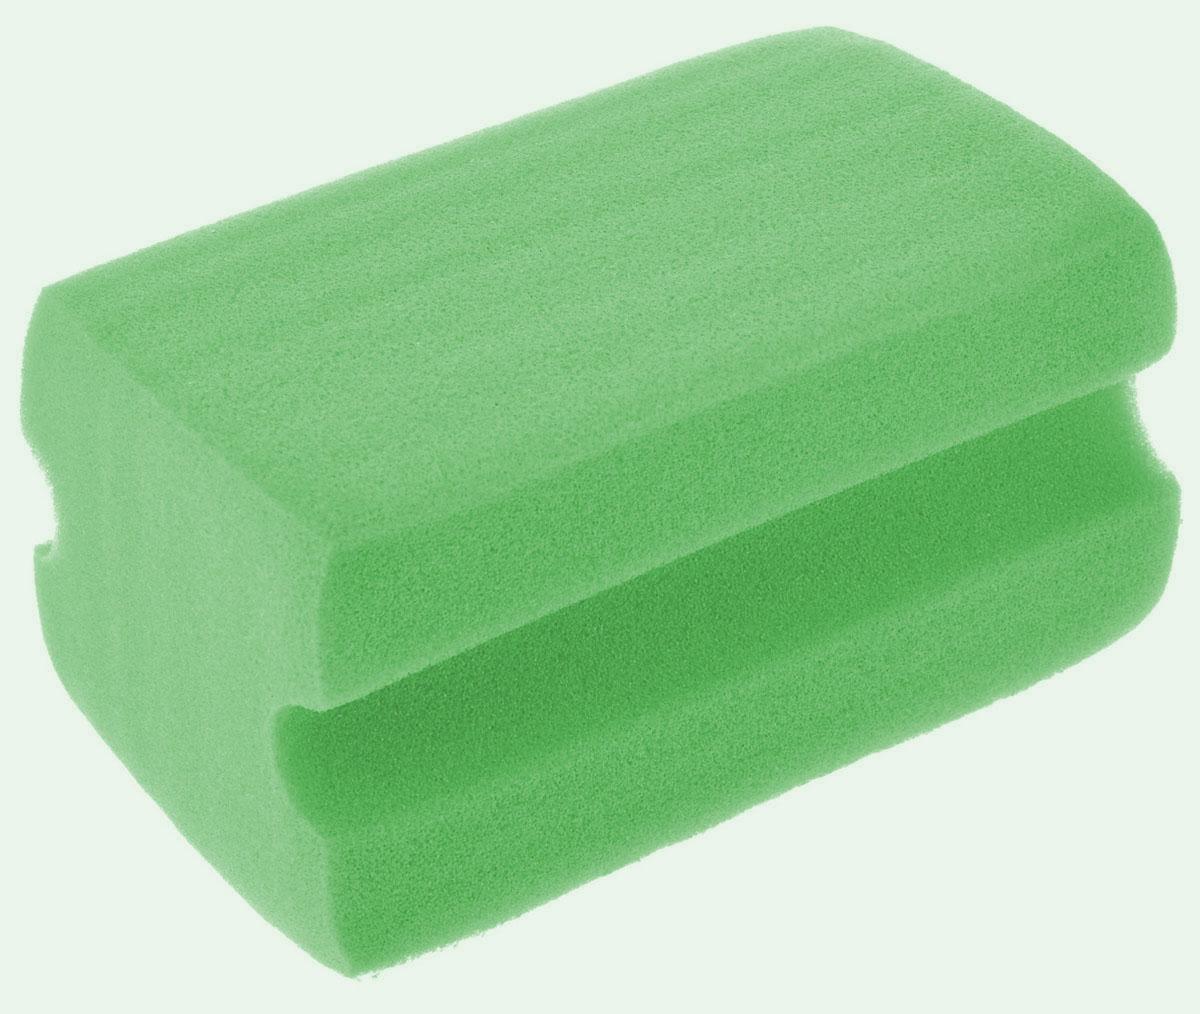 Губка для мытья автомобиля Sapfire Альфа, цвет: зеленый ароматизатор для салона автомобиля sapfire hope цвет темно синий лаванда sat 2026